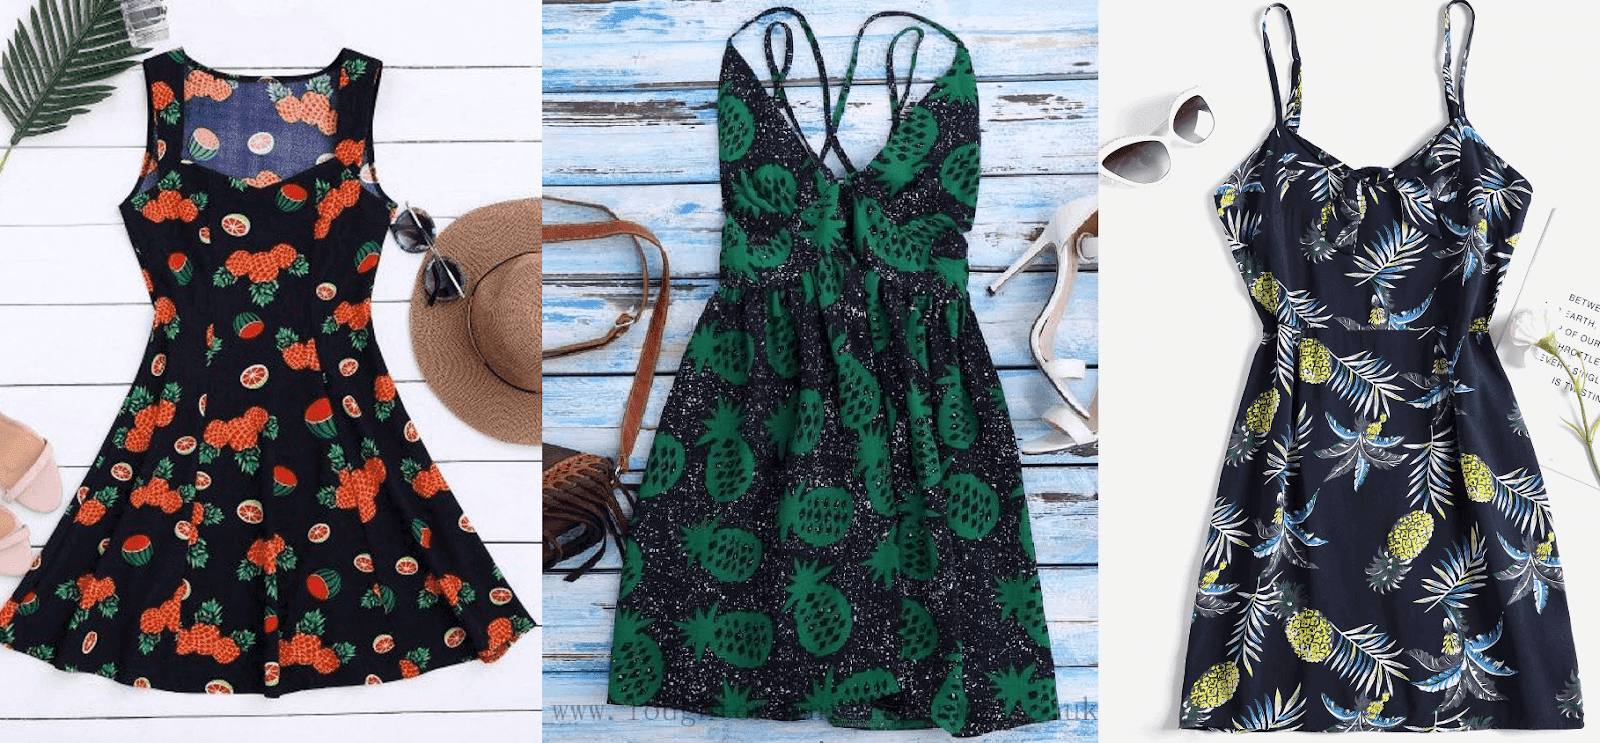 Vestidos com estampas de abacaxi para colorir a primavera